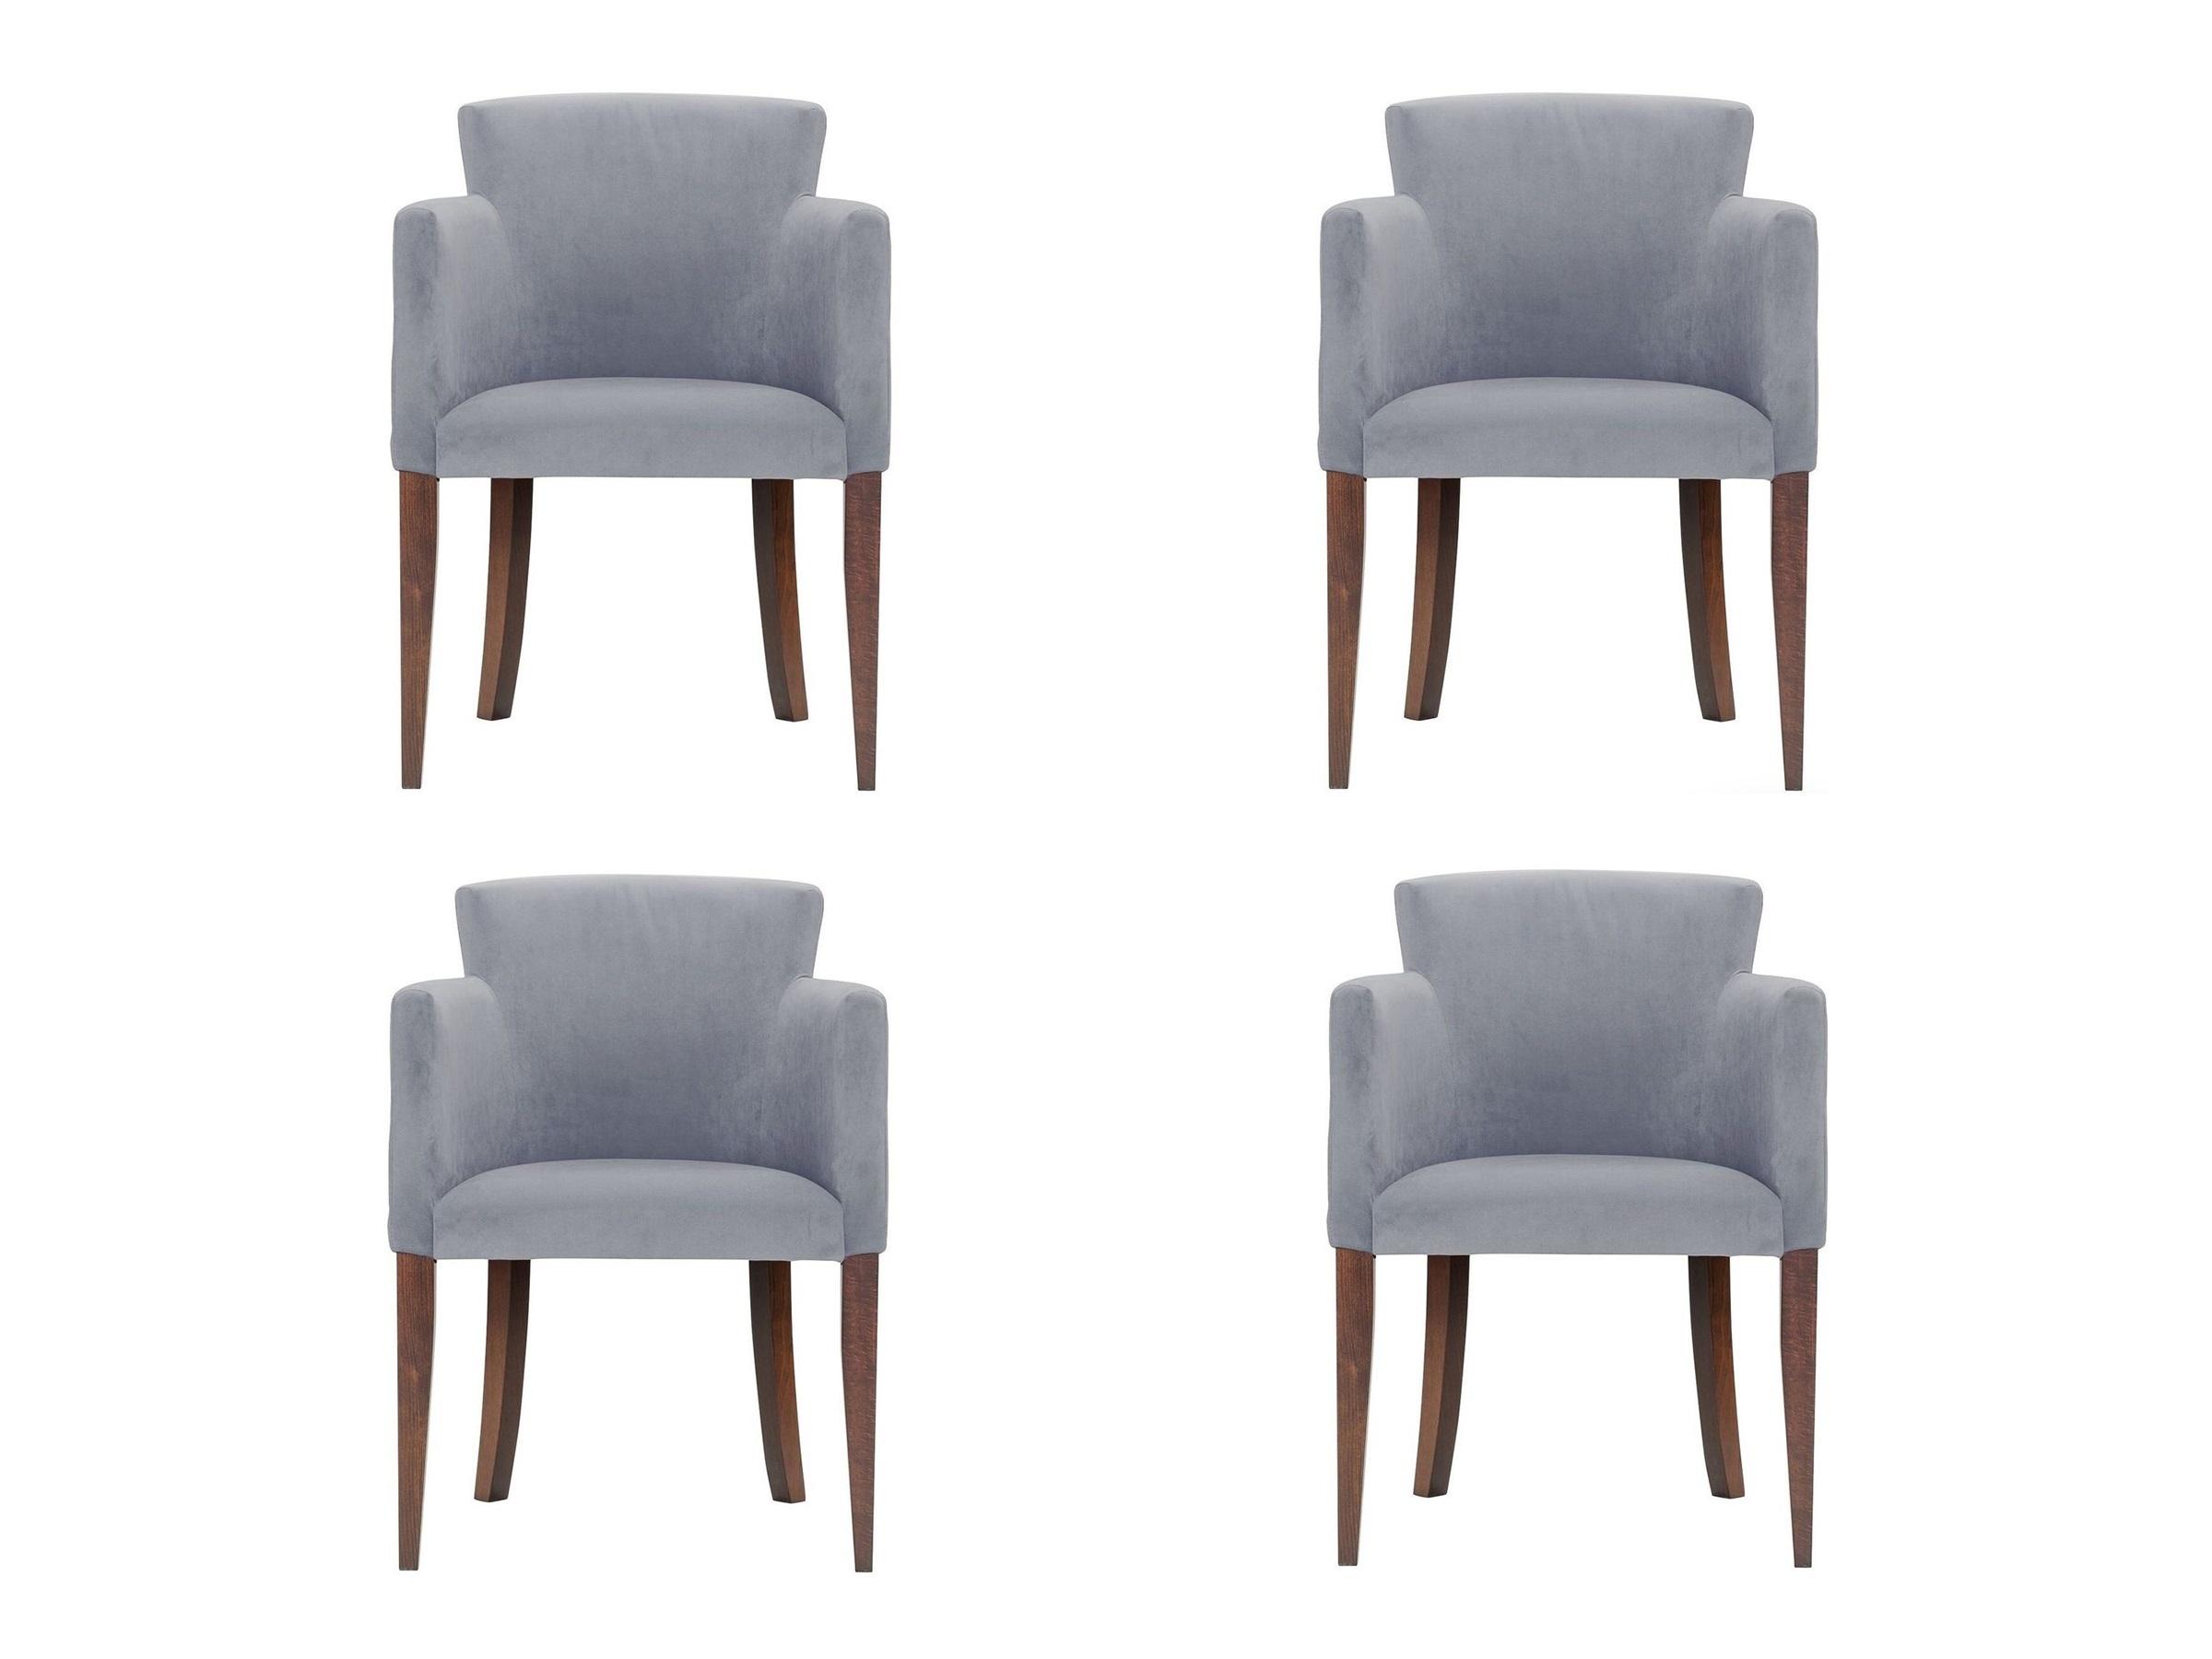 Комплект из 4 стульев AronКомплекты<br>Универсальное кресло из экологичных материалов, которое подойдет для обстановки современных или классических интерьеров.Высота до сидения: 46 см.<br><br>kit: None<br>gender: None